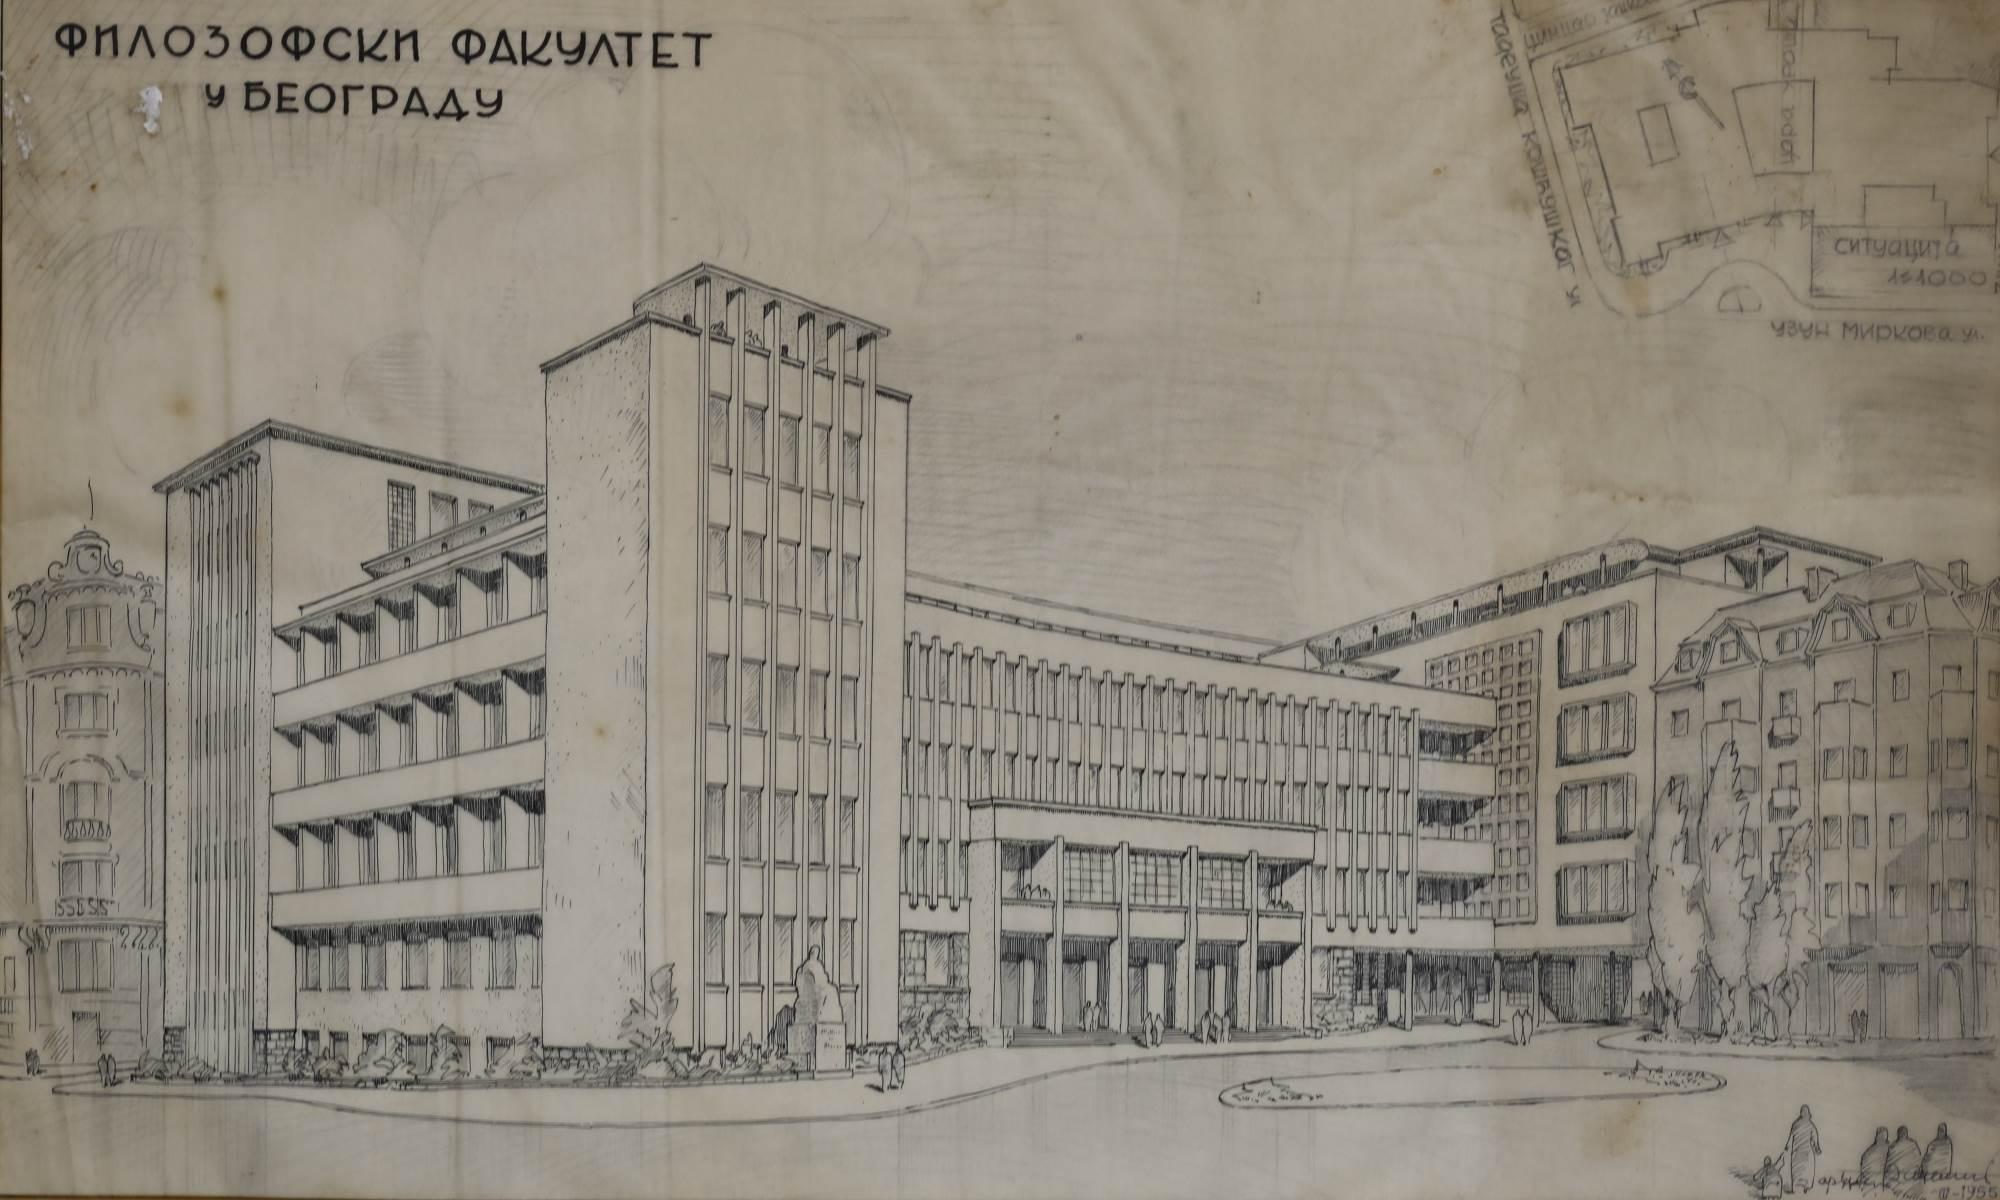 Plan Filozofskog fakulteta u Beogradu, zajedno sa Petrom Anagnostijem